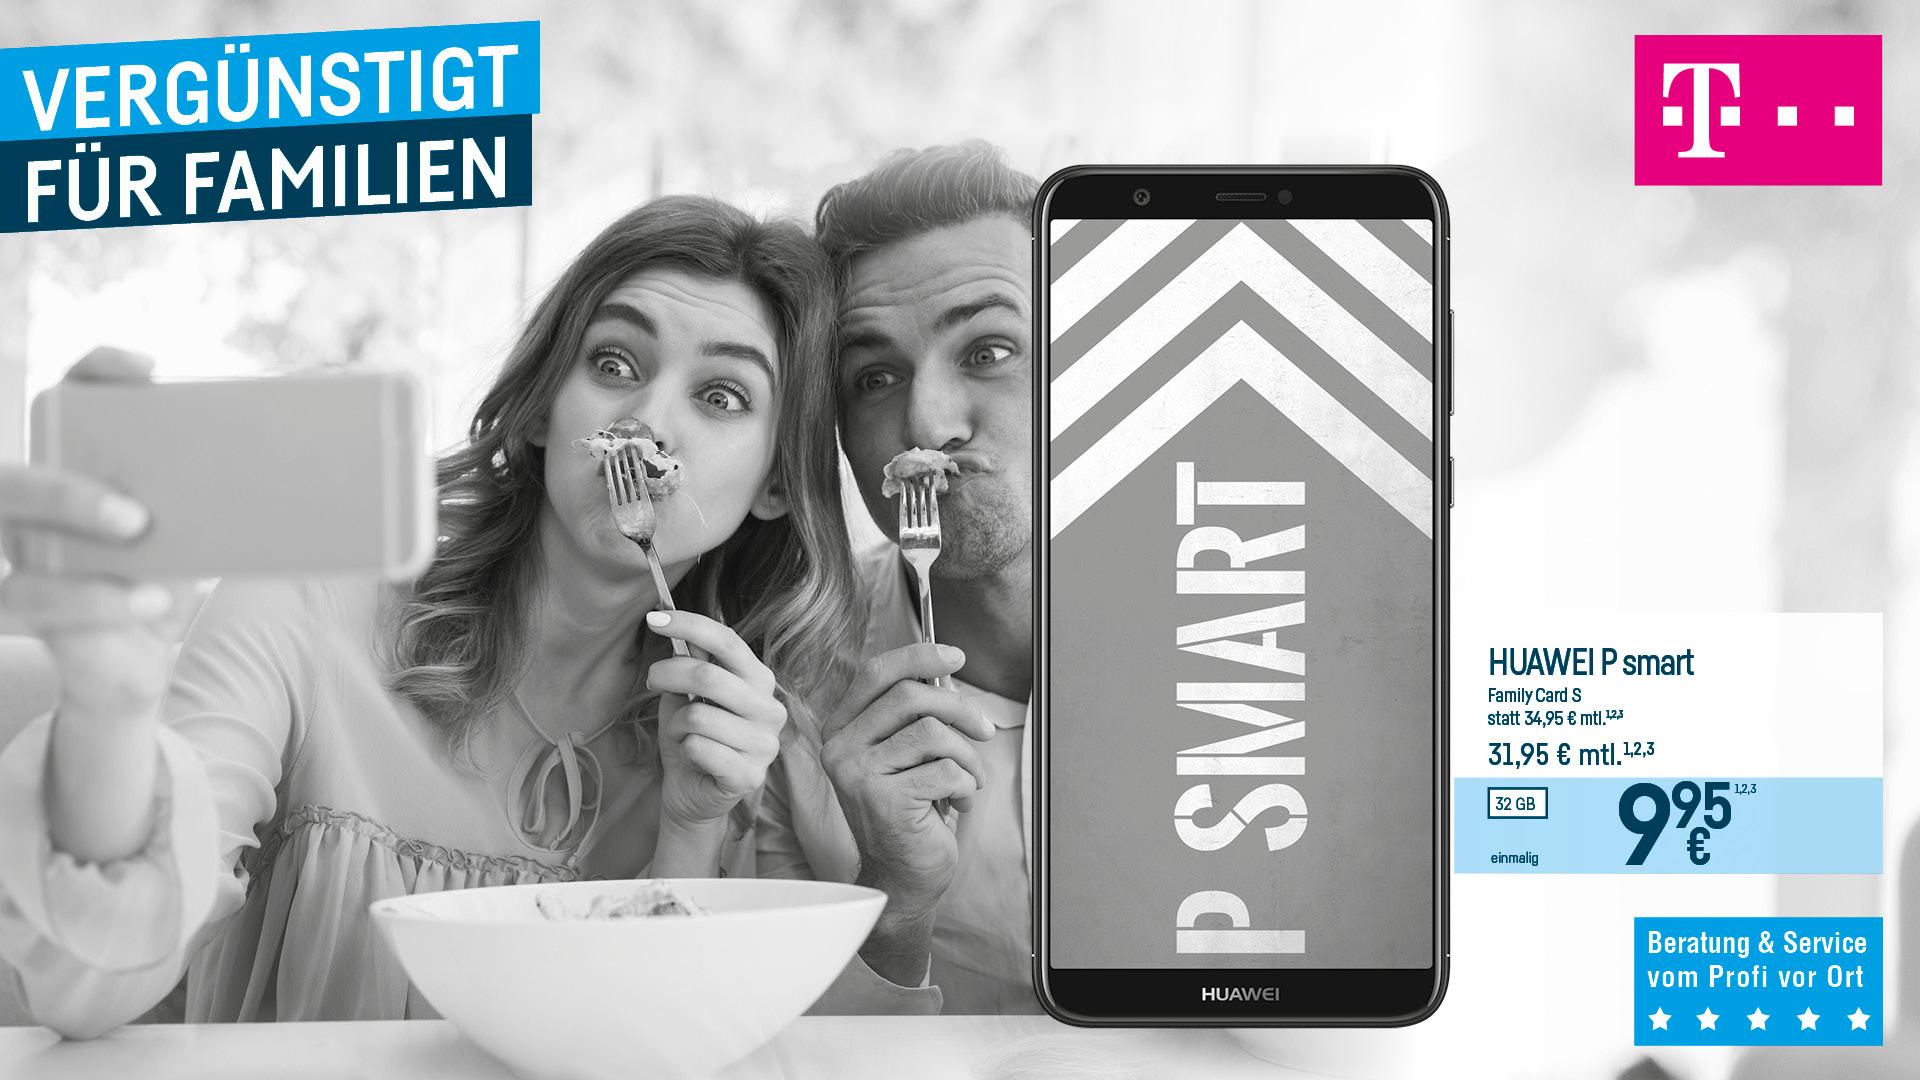 Vergünstigt für Familien - Huawei P smart